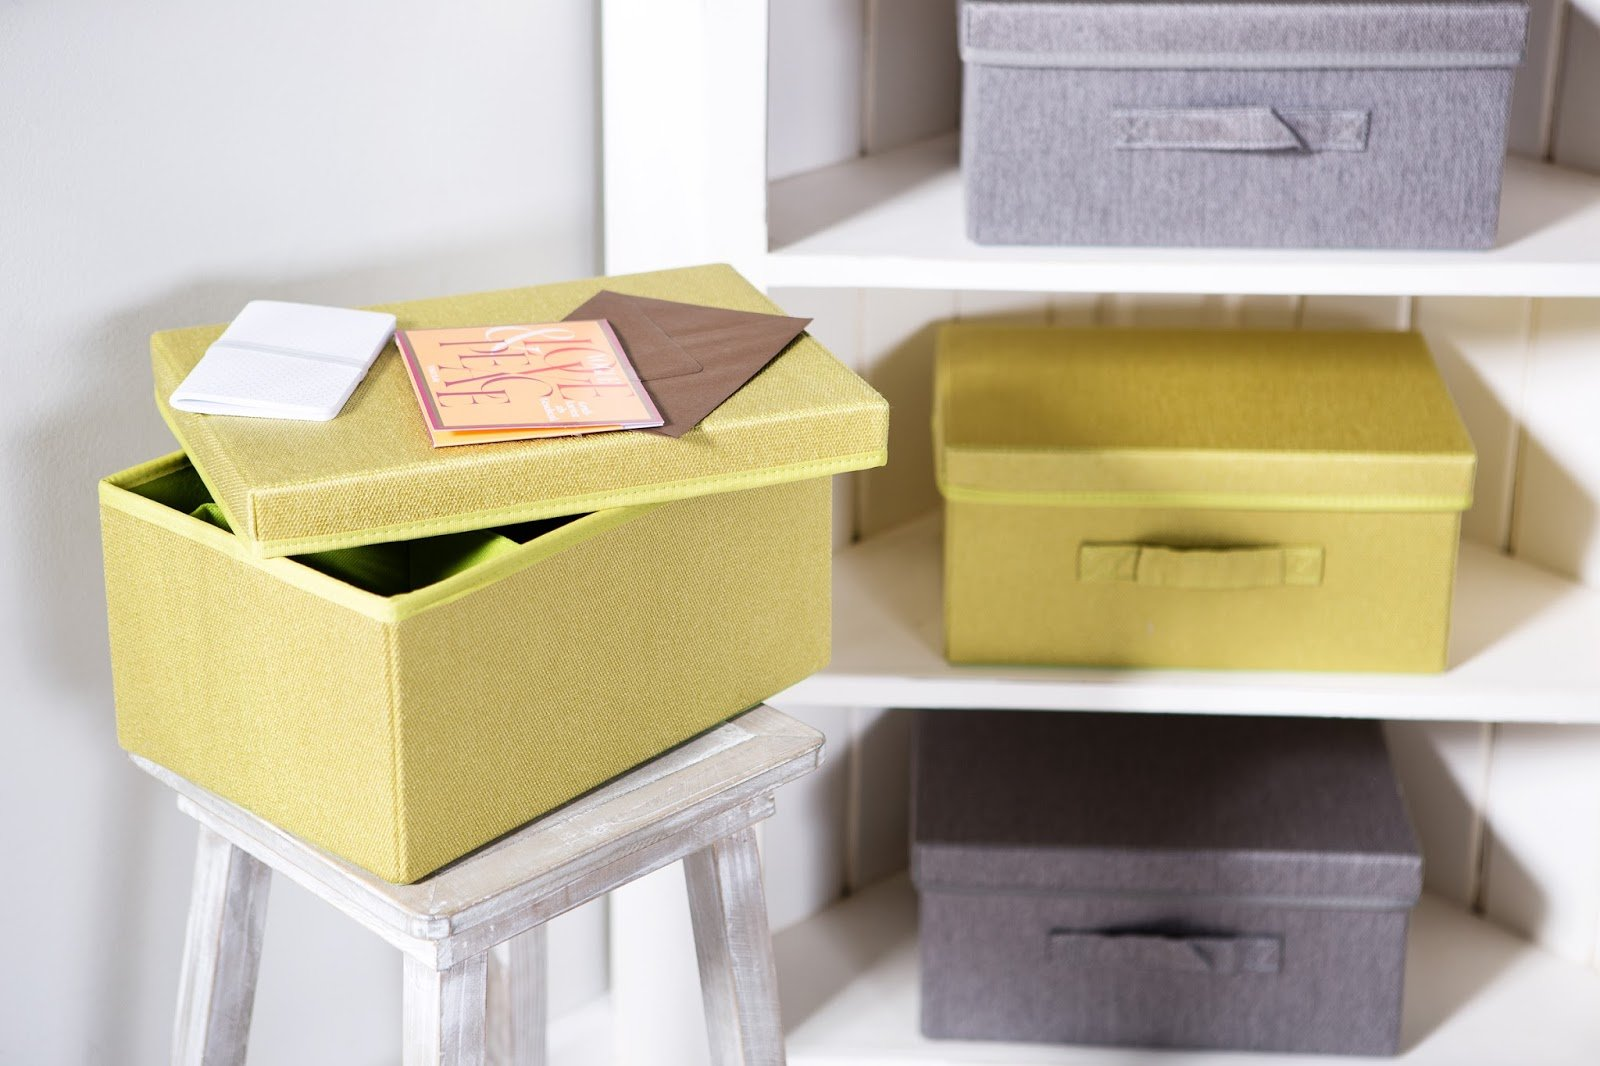 Вариант декорирования картонных коробок